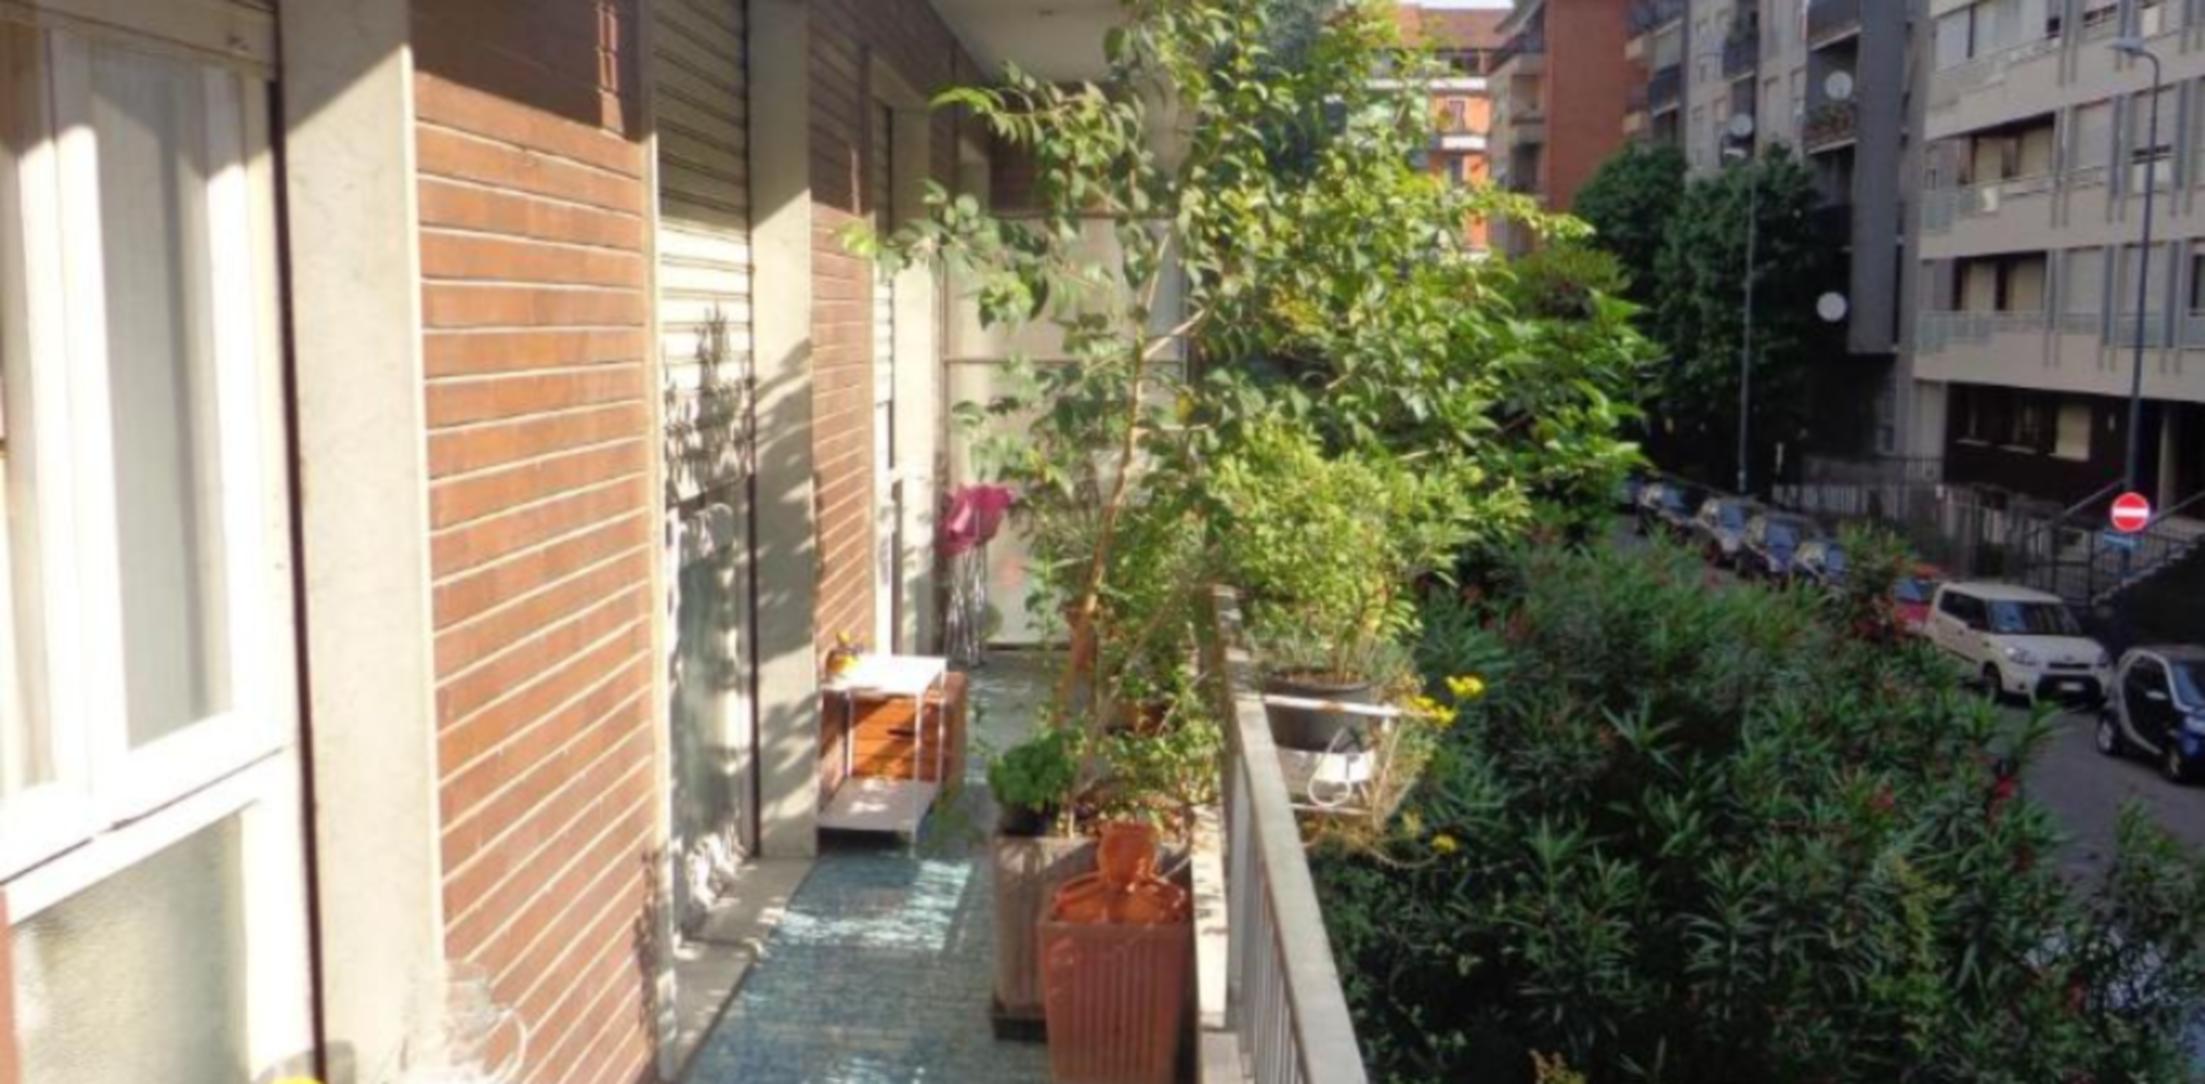 A close up of a brick building at Mata Guesthouse Milano.